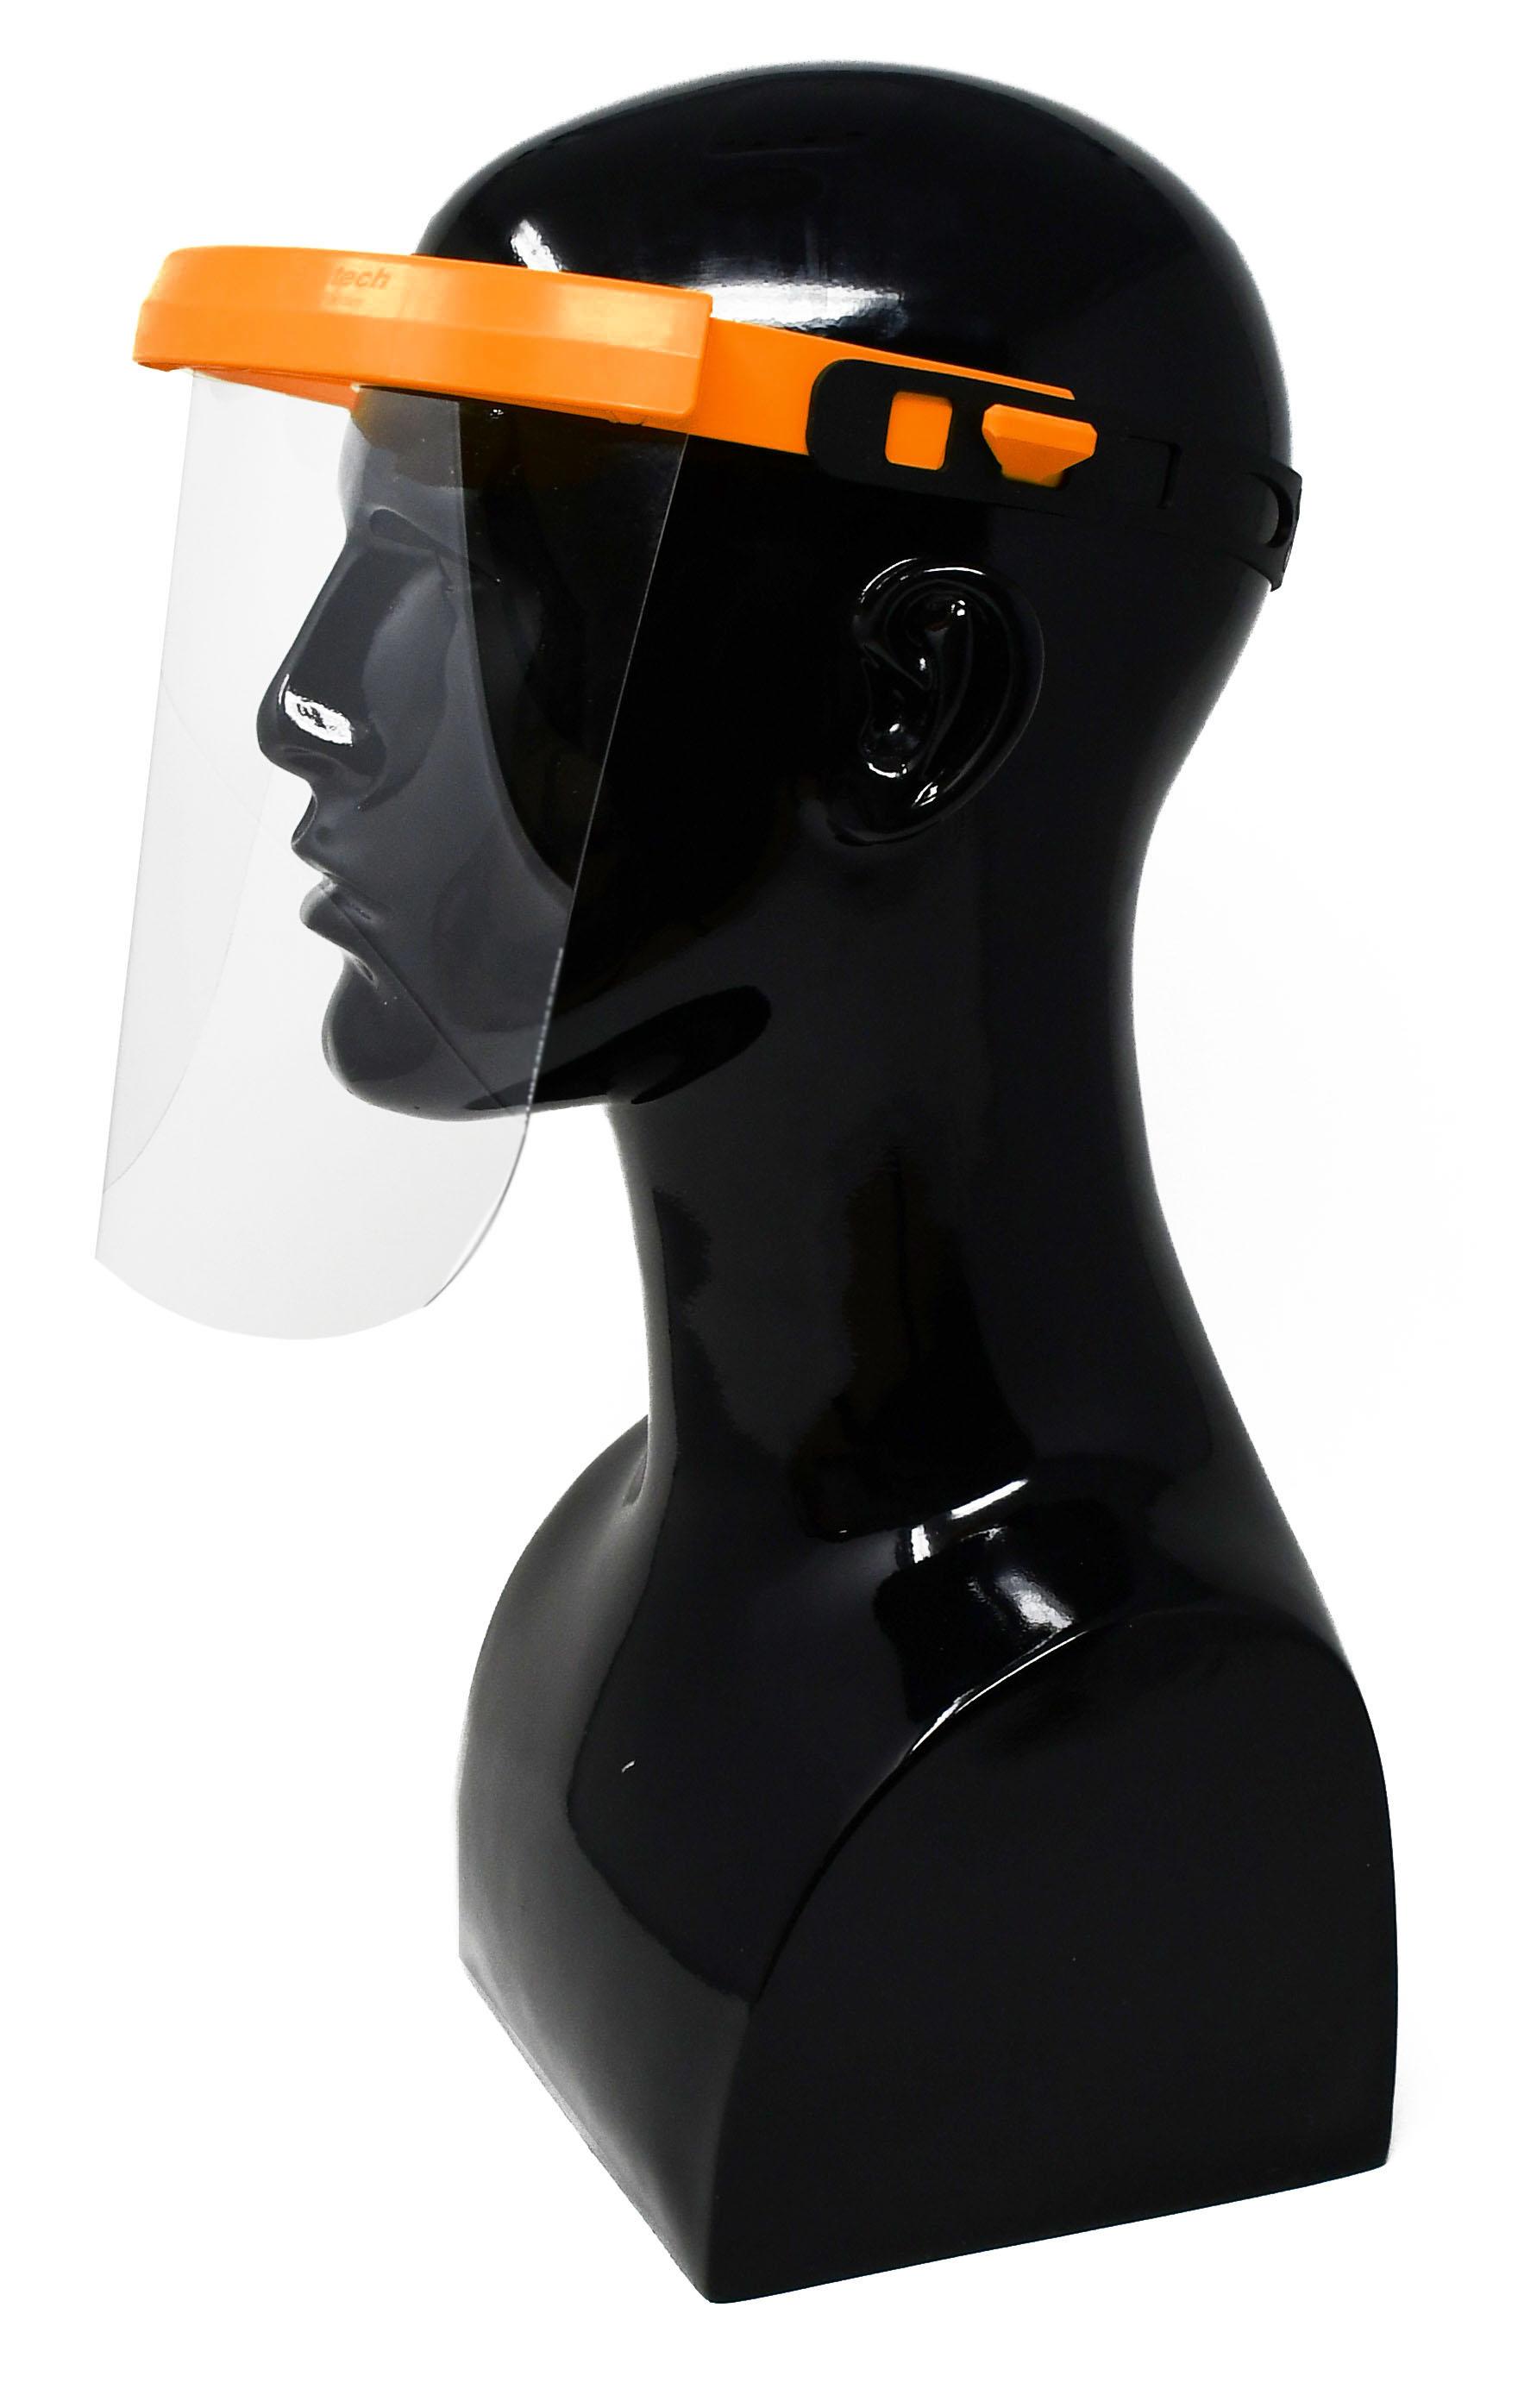 Gesichtsschutz- / Spuckschutzvisier 180mm Visier - 9 Farben